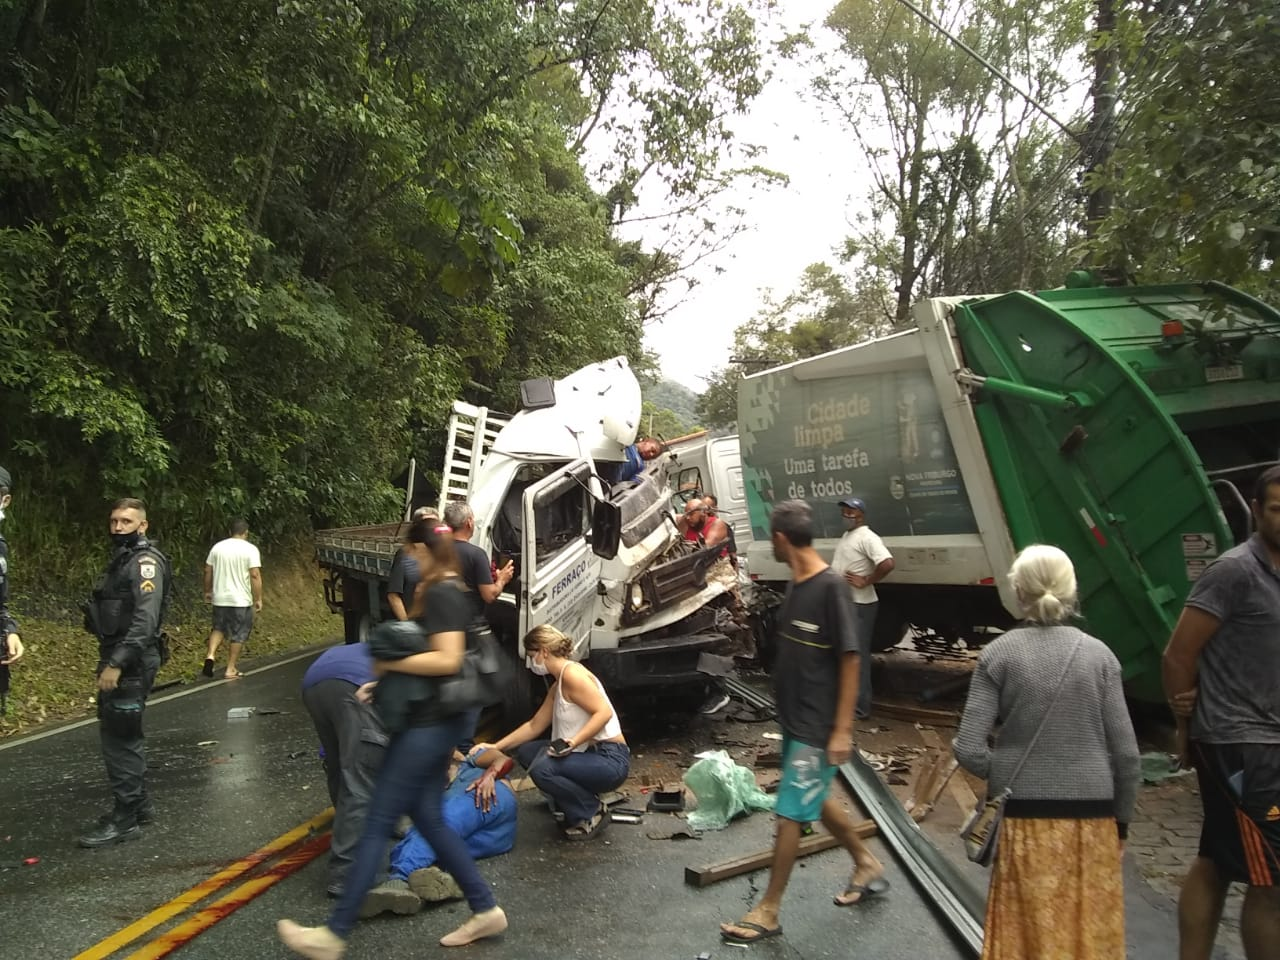 O cenário do choque: apesar de violento, só feridos sem gravidade (Foto da web)